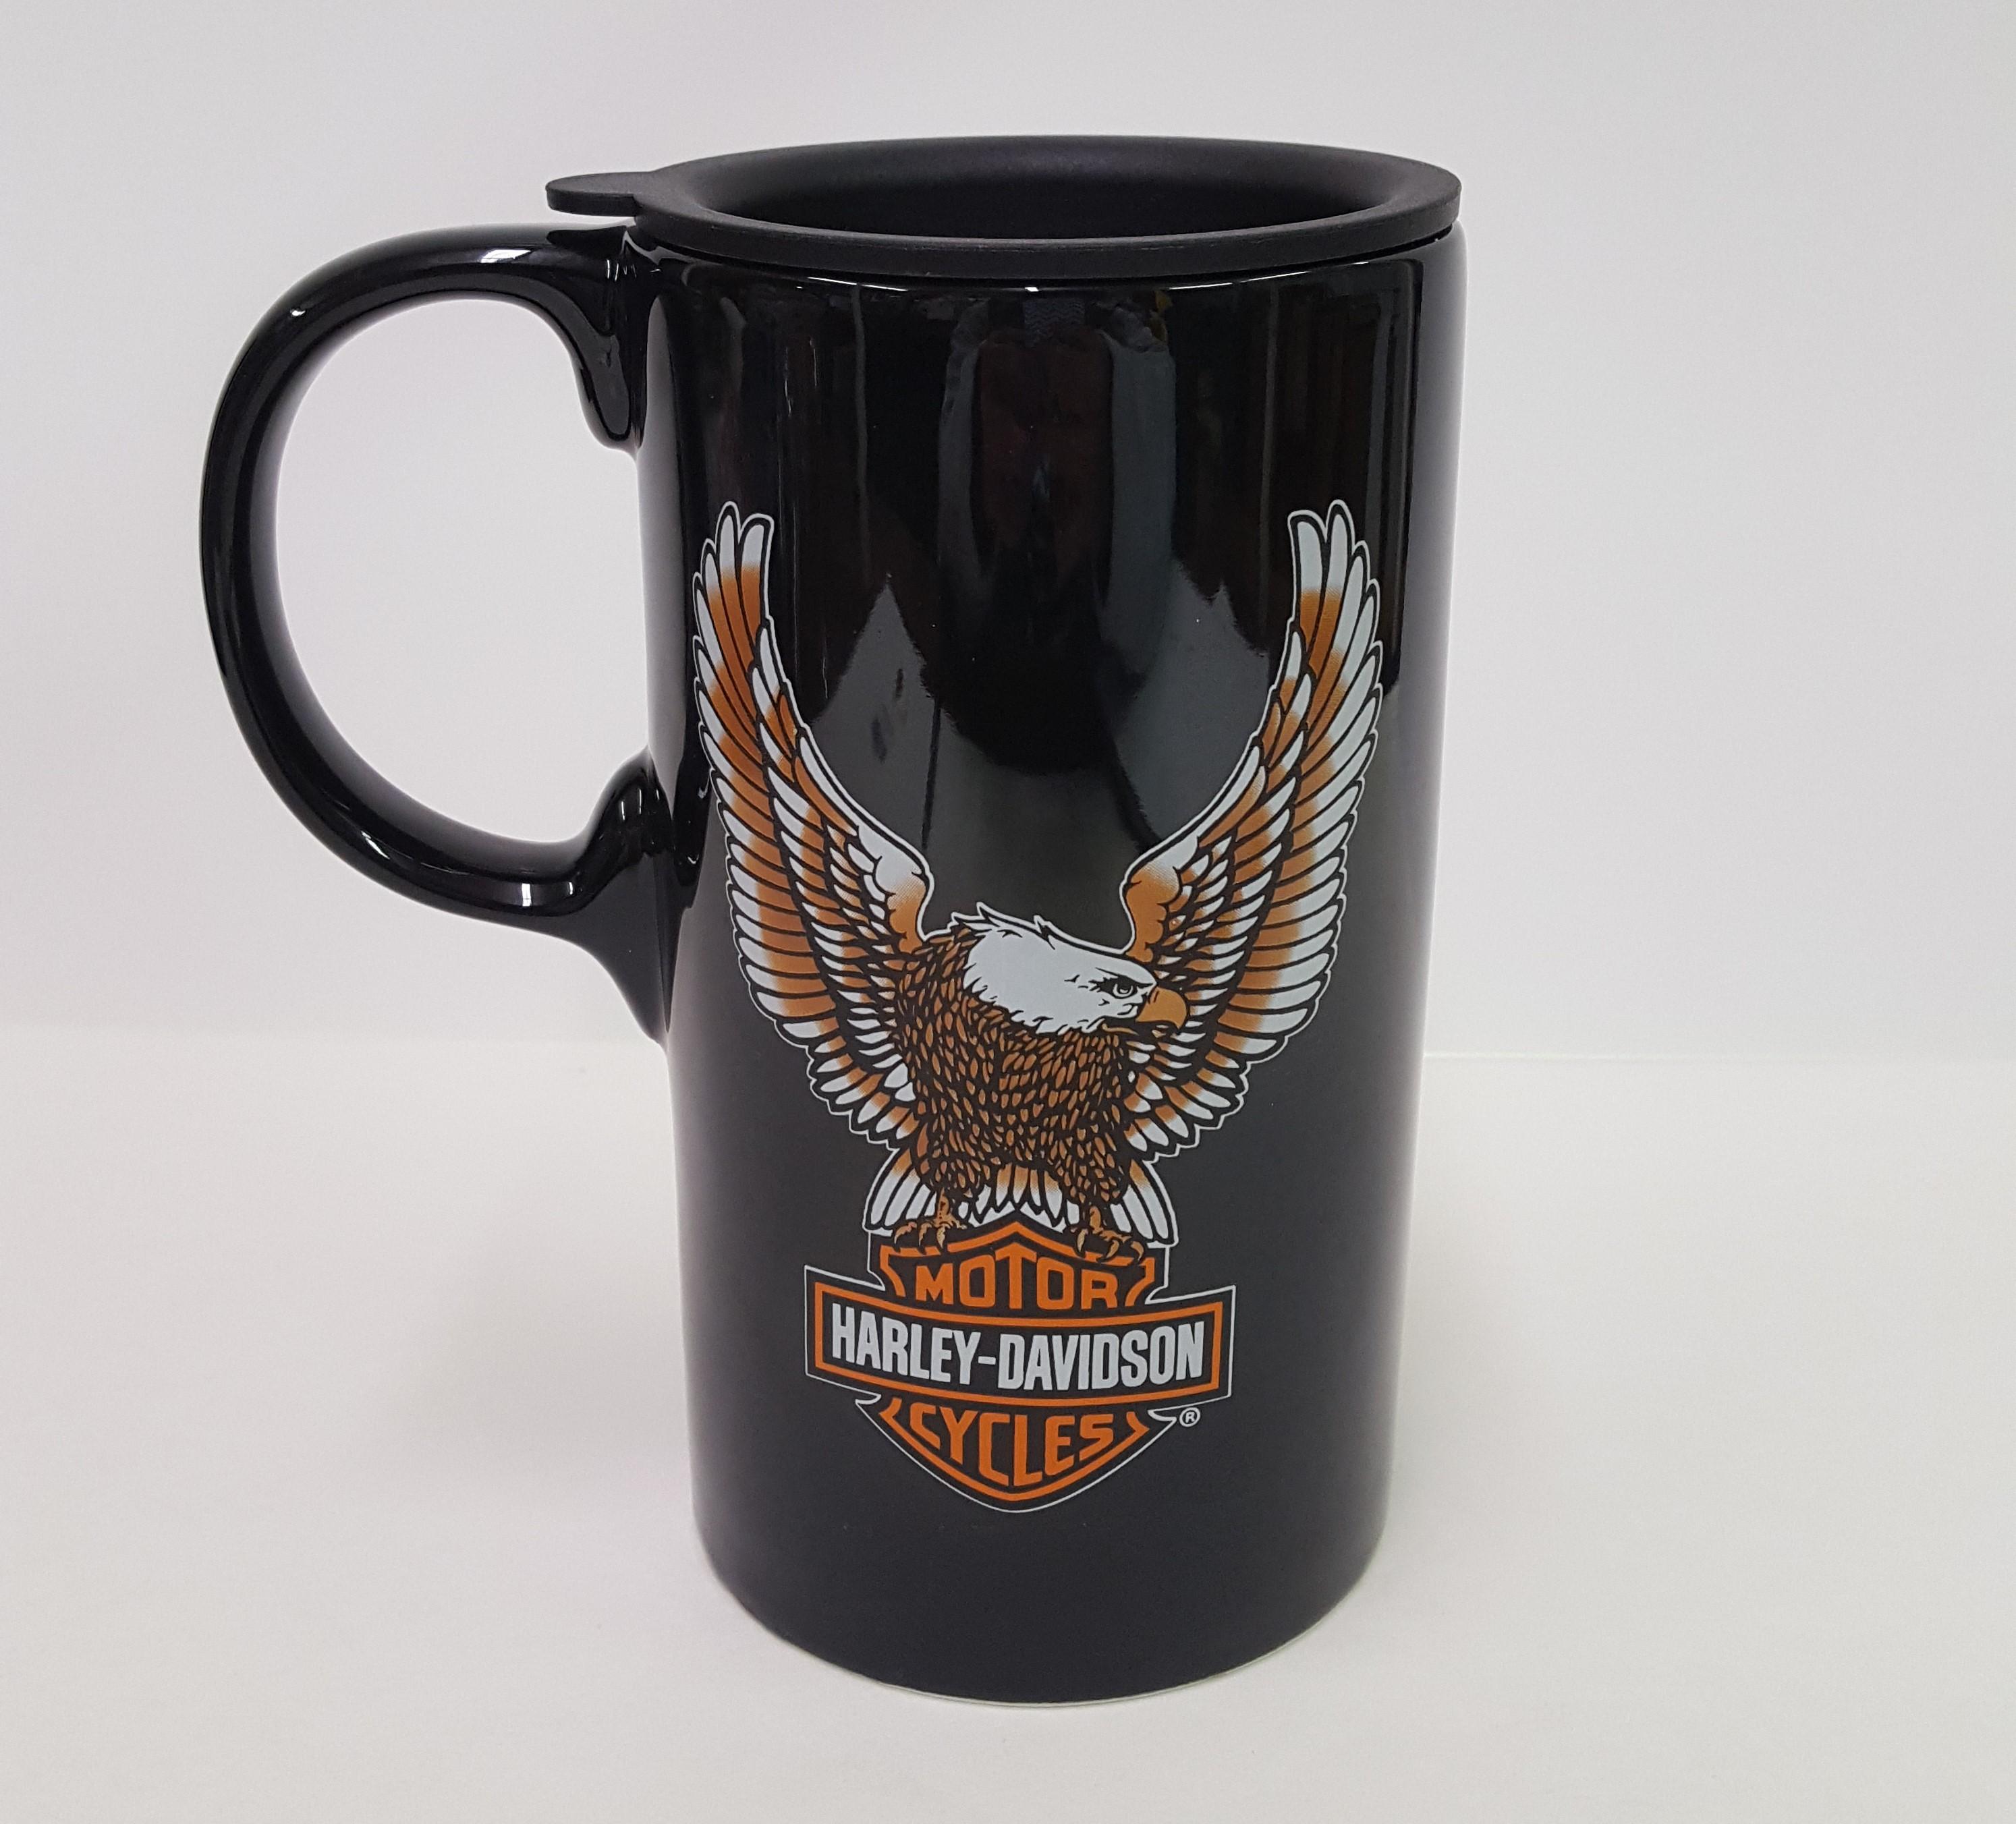 0f139089ef6 Harley-Davidson Travel Latte Mug – Bar & Shield Eagle Tall Boy – Something  Special by Marilyn